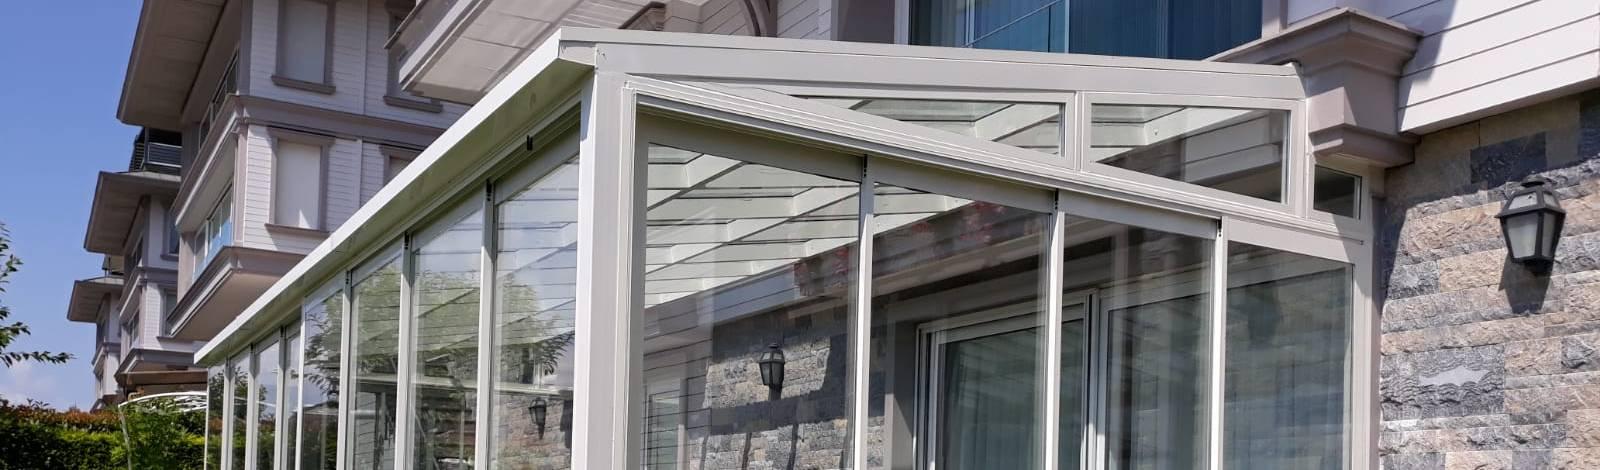 Buga Mimarlık Tasarım Dekorasyon Kış Bahçesi & Cam Tavan Sistemleri